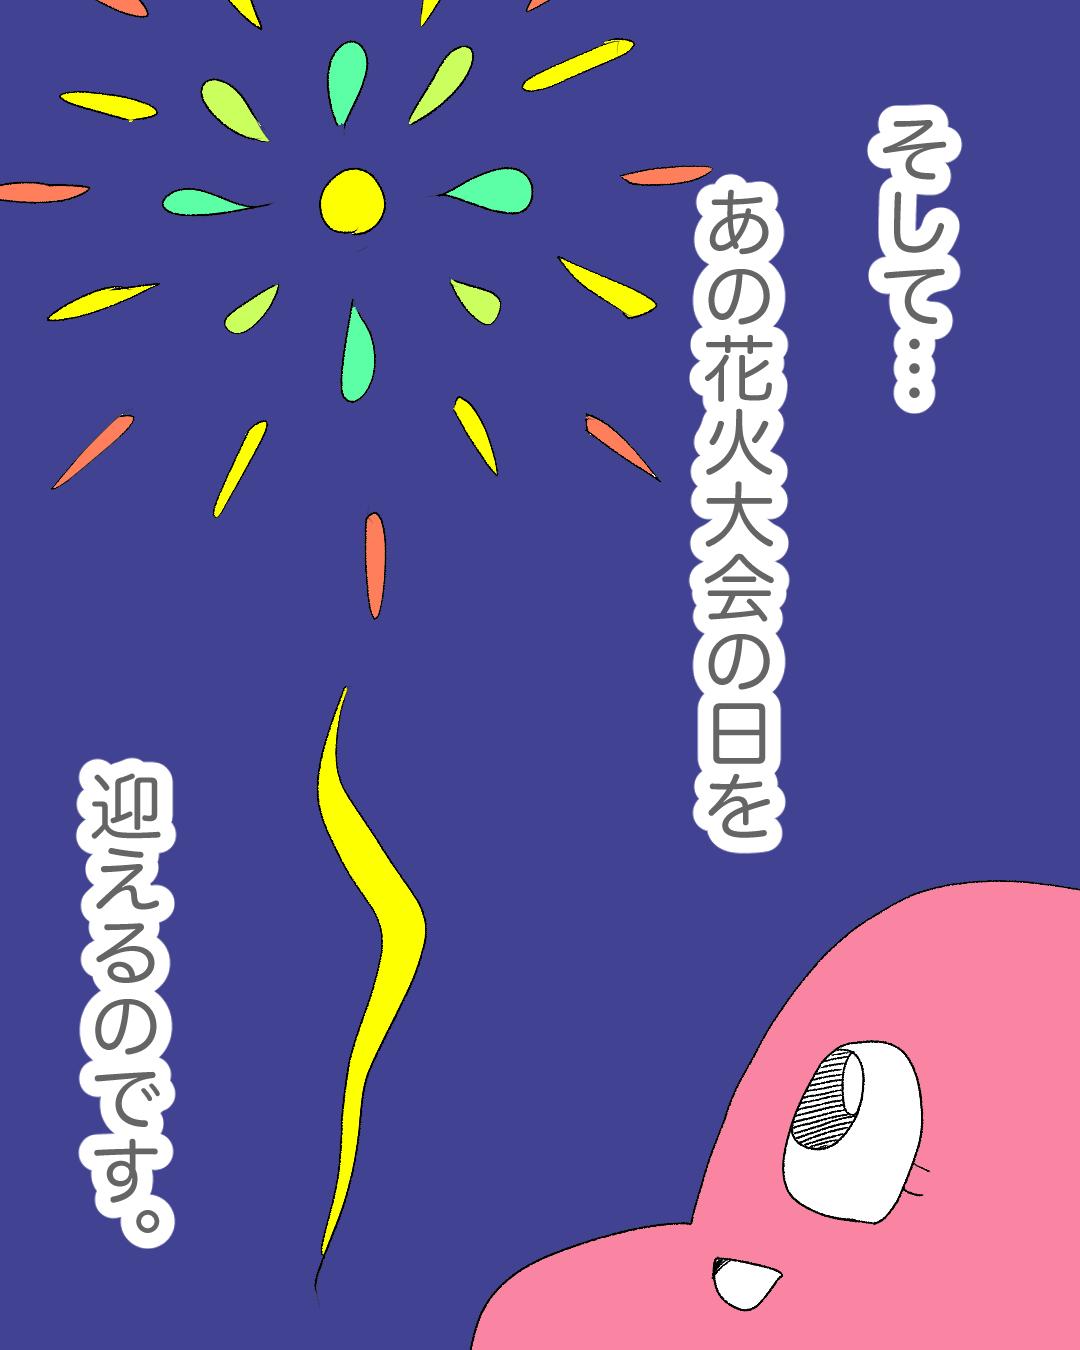 不倫発覚のキッカケとなった花火大会の日を迎えるイラスト